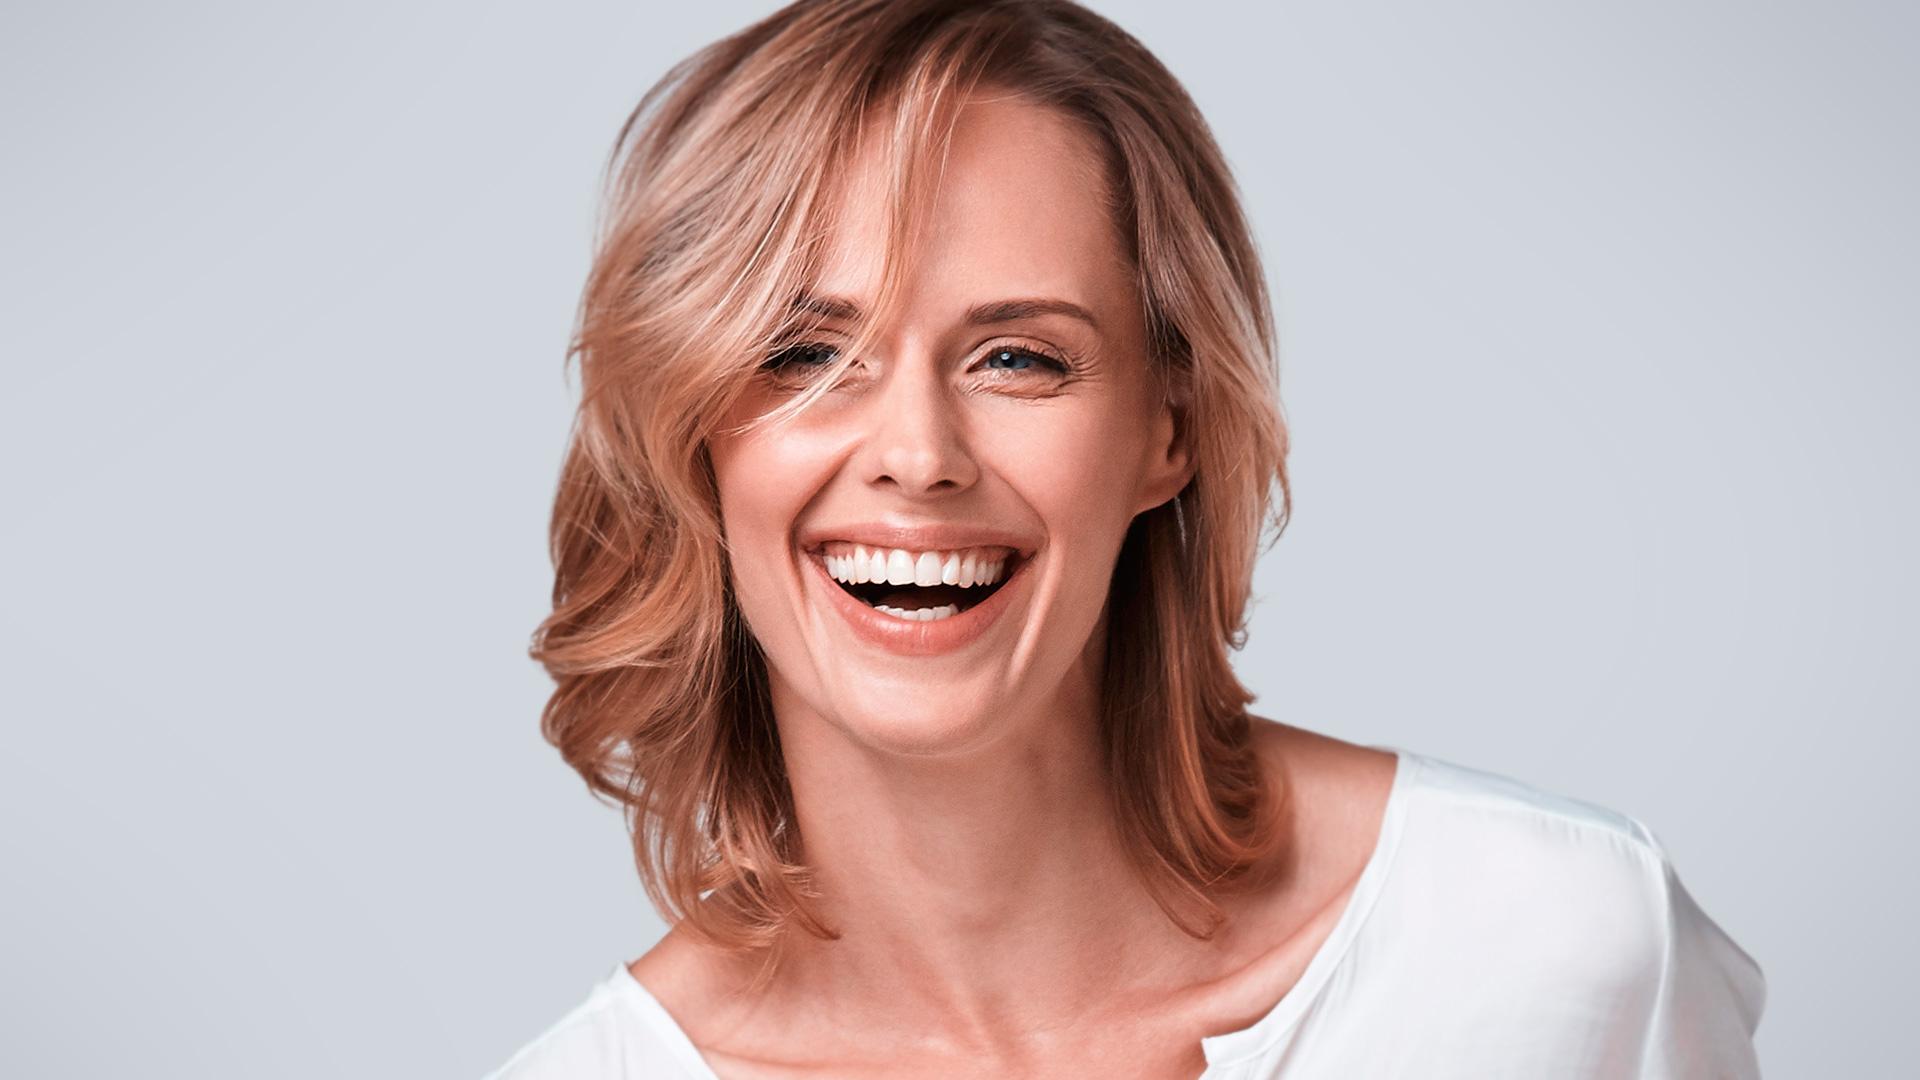 Eliminar arrugas, ¿cuál es la mejor opción?